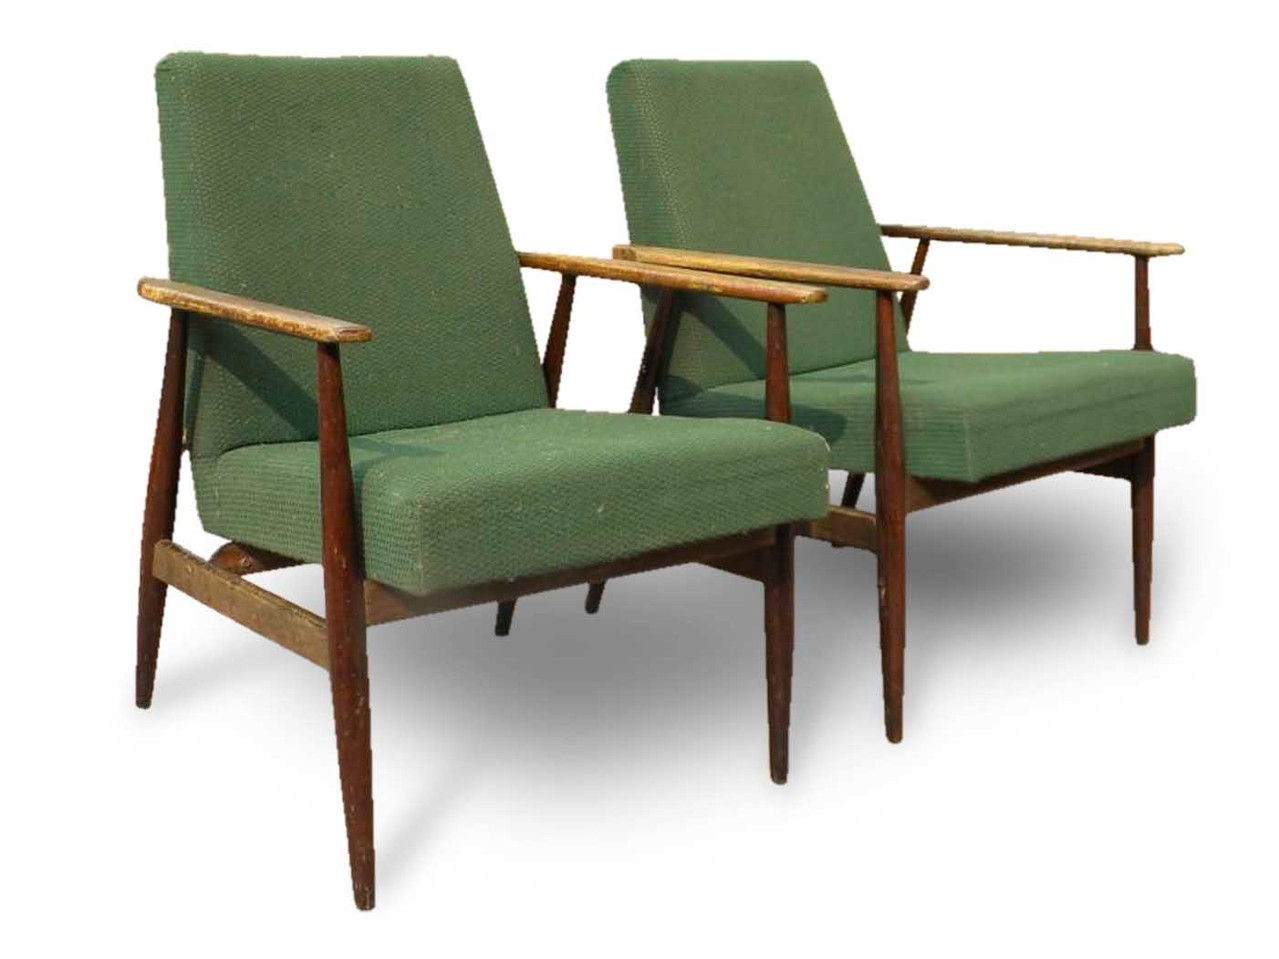 Set 6 sedie con 3 poggiapiedi — negozio calzature anni 60. Poltrone Anni 50 Stile Scandinavo Italian Vintage Sofa